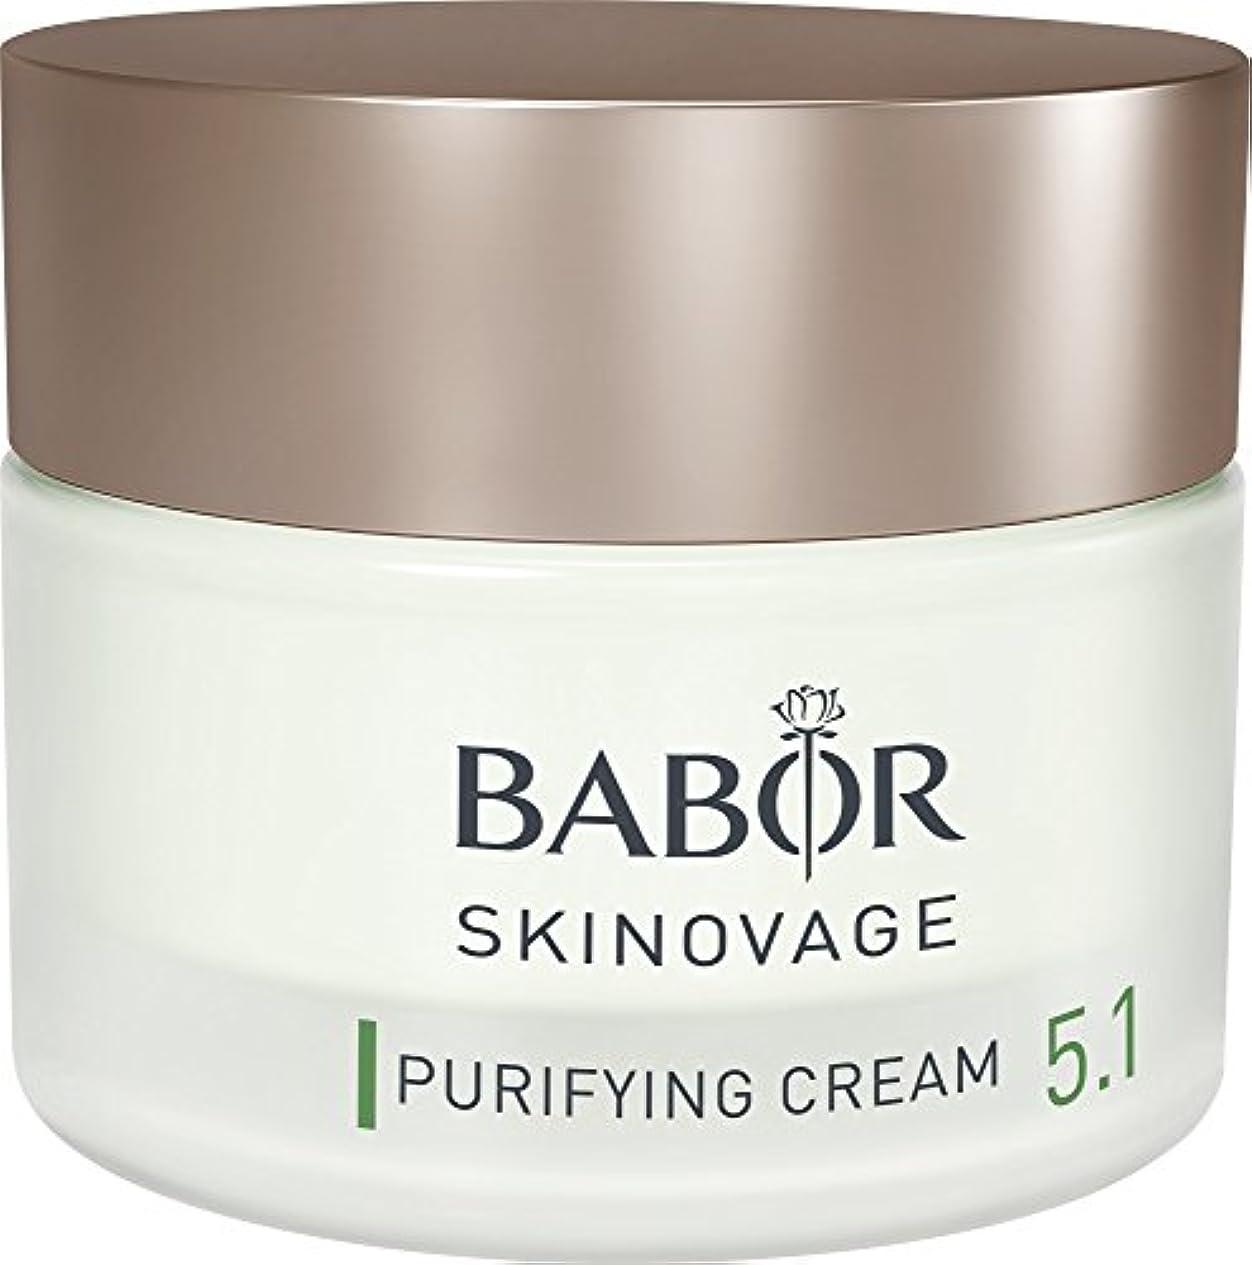 禁止トラップデータバボール Skinovage [Age Preventing] Purifying Cream 5.1 - For Problem & Oily Skin 50ml/1.7oz並行輸入品